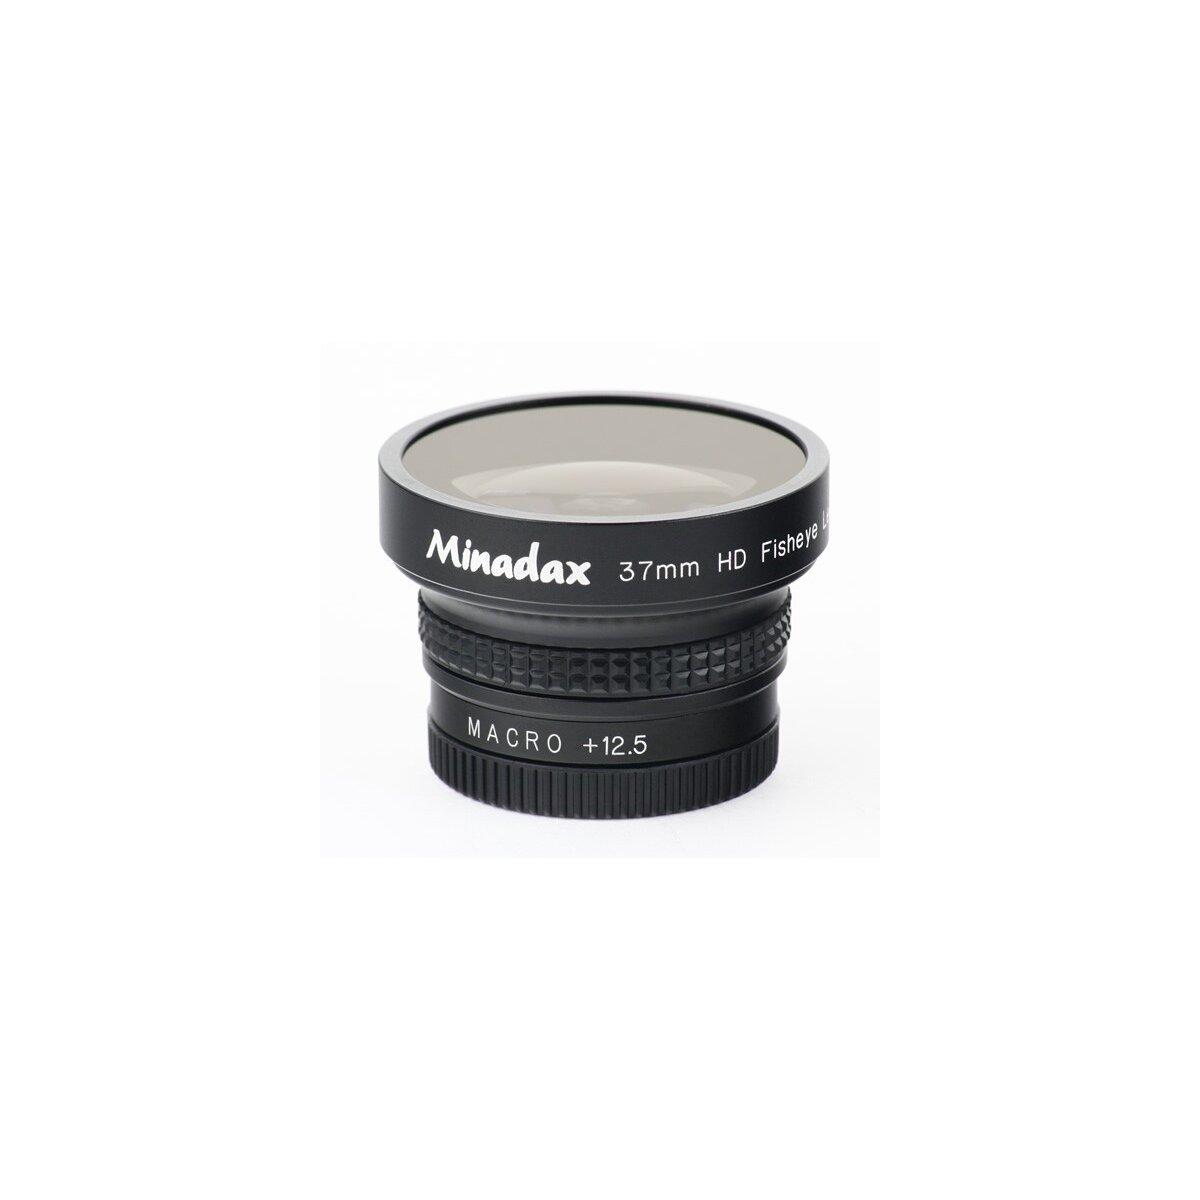 0.42x Minadax Fisheye Vorsatz fuer Hitachi DZ-BX35, DZ-HS300, DZ-HS500, DZ-GX3200, DZ-GX5020